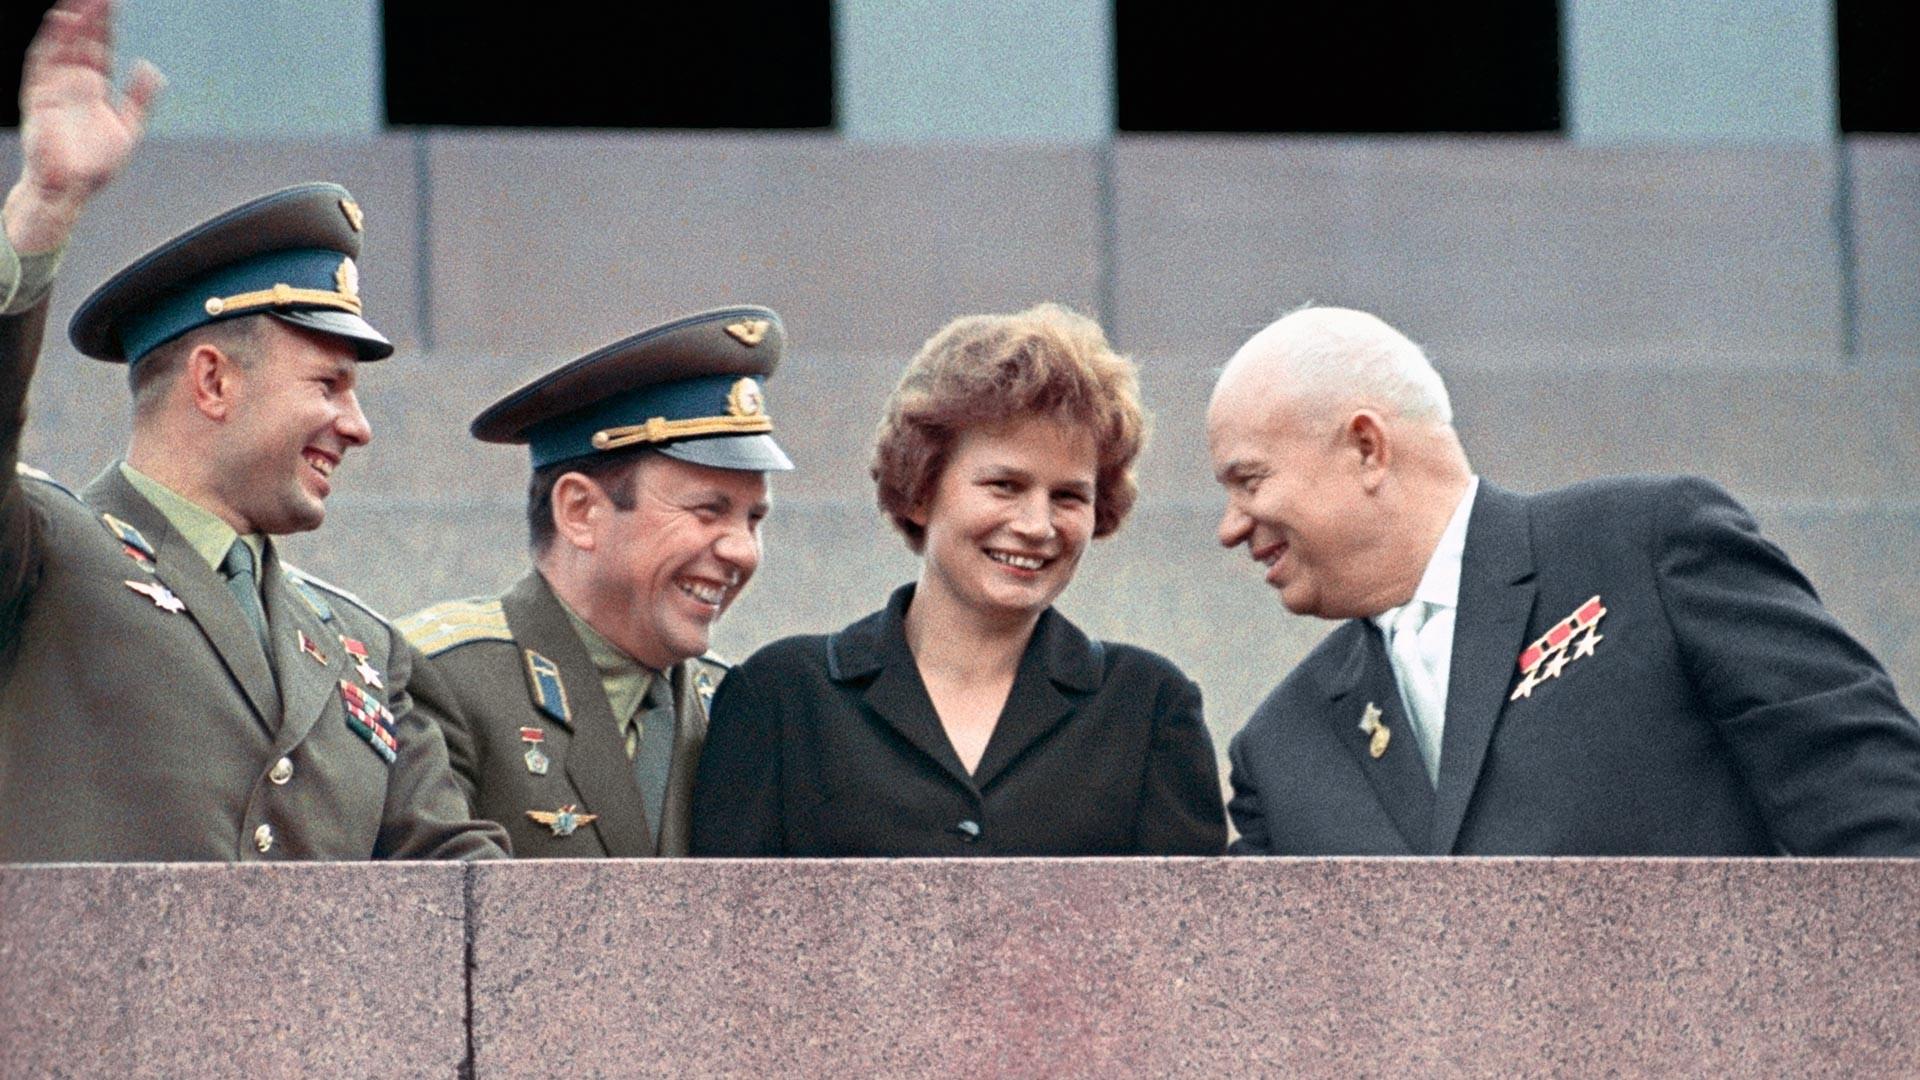 ニキータ・フルシチョフ、宇宙飛行士ワレンチナ・テレシコワ、パーヴェル・ポポーヴィチ、ユーリイ・ガガーリン(右側から)